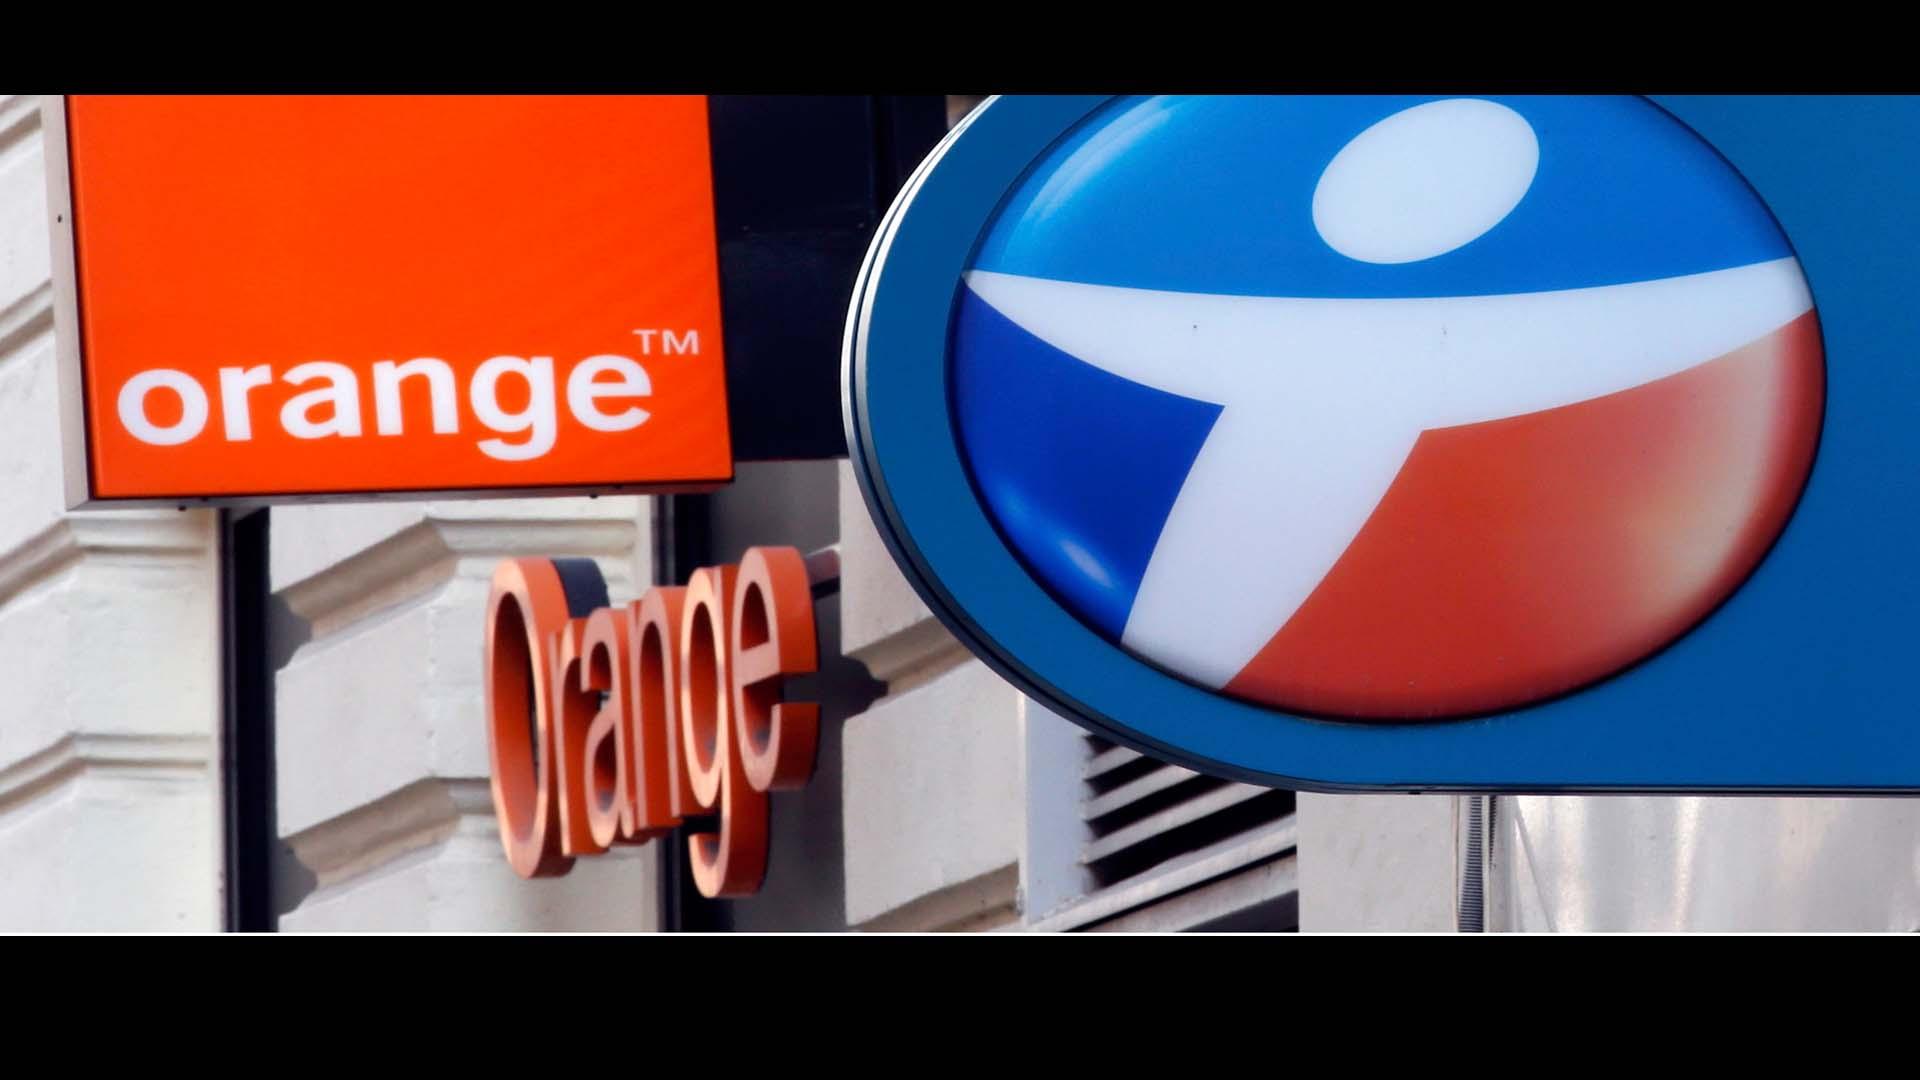 Autoridad antimonopolio de Francia les juzgó por violar las normas competentes para contratos de telefonía móvil